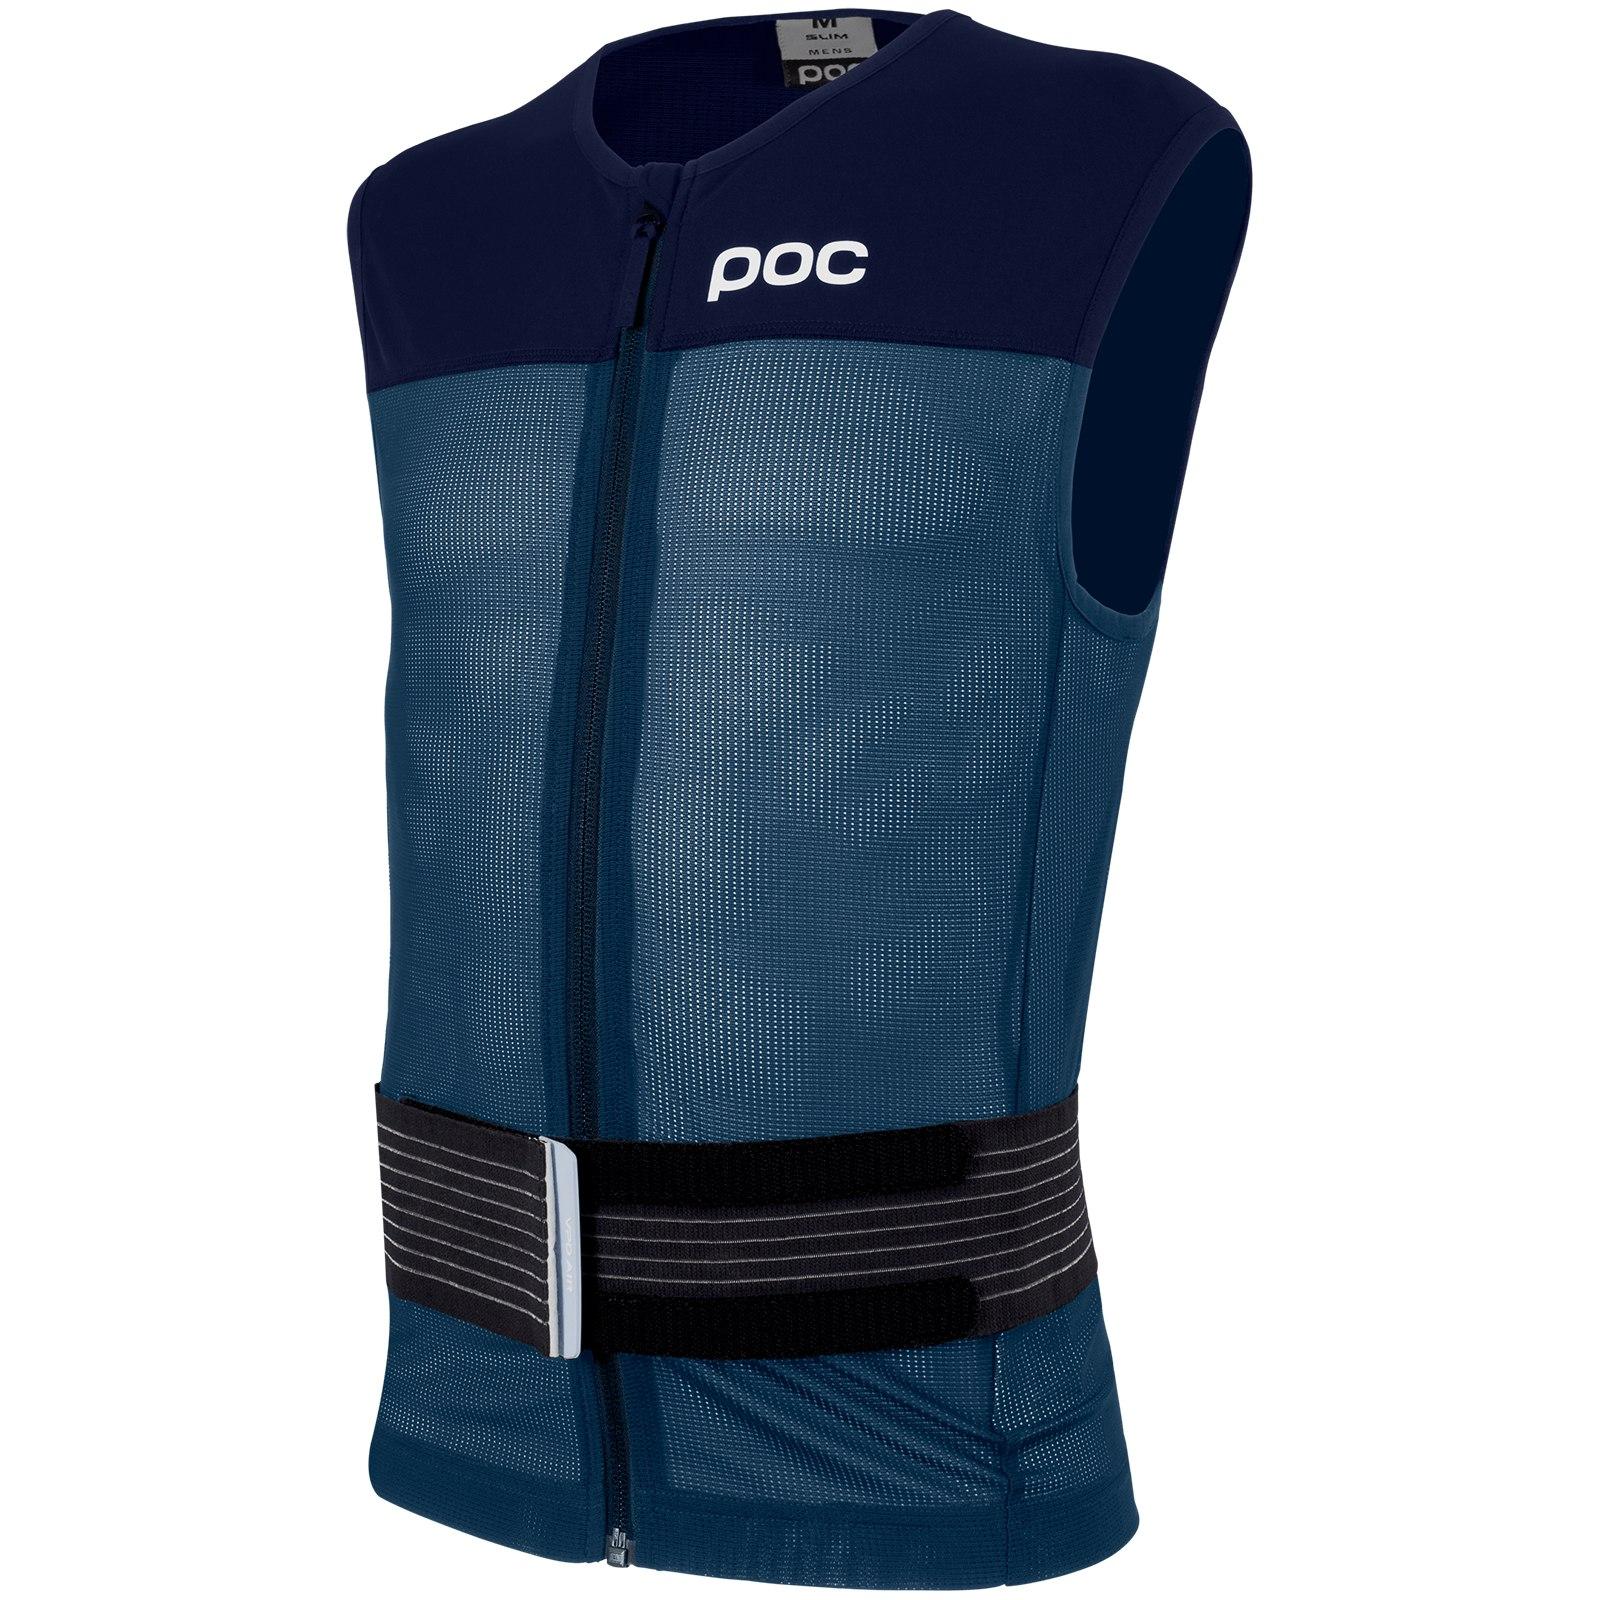 Produktbild von POC Spine VPD Air Vest Junior Protektorenweste - 1553 Cubane Blue